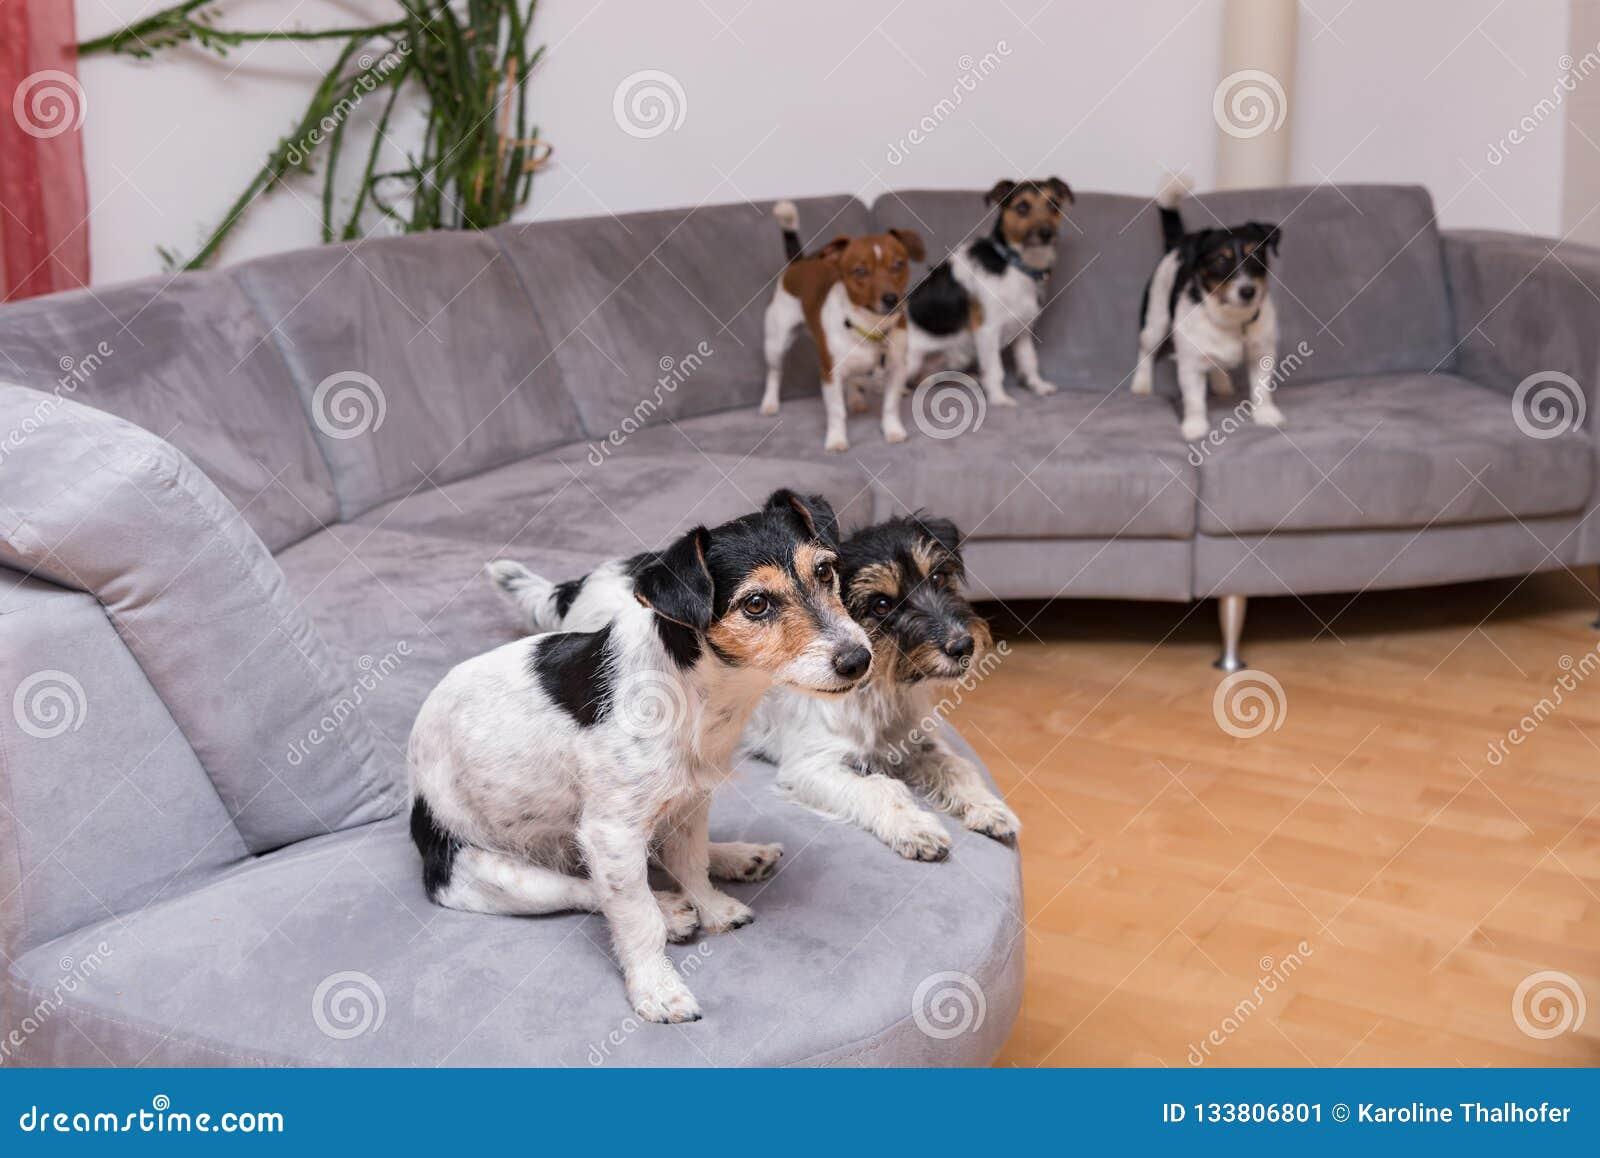 Paczka Jack Russell Terrier siedzi na kanapie